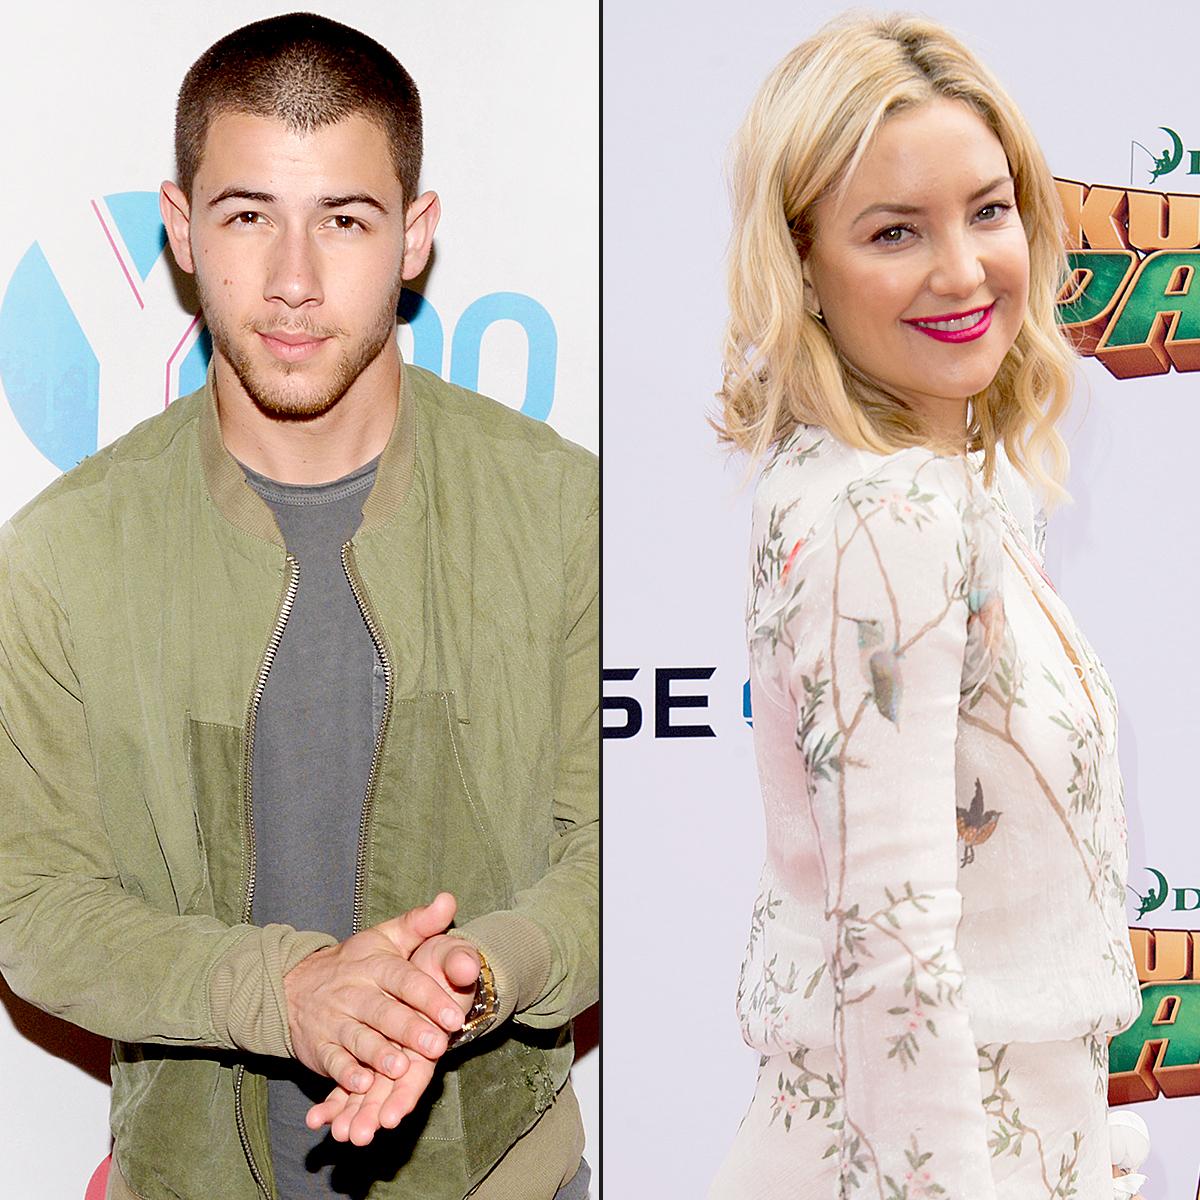 Nick Jonas / Kate Hudson